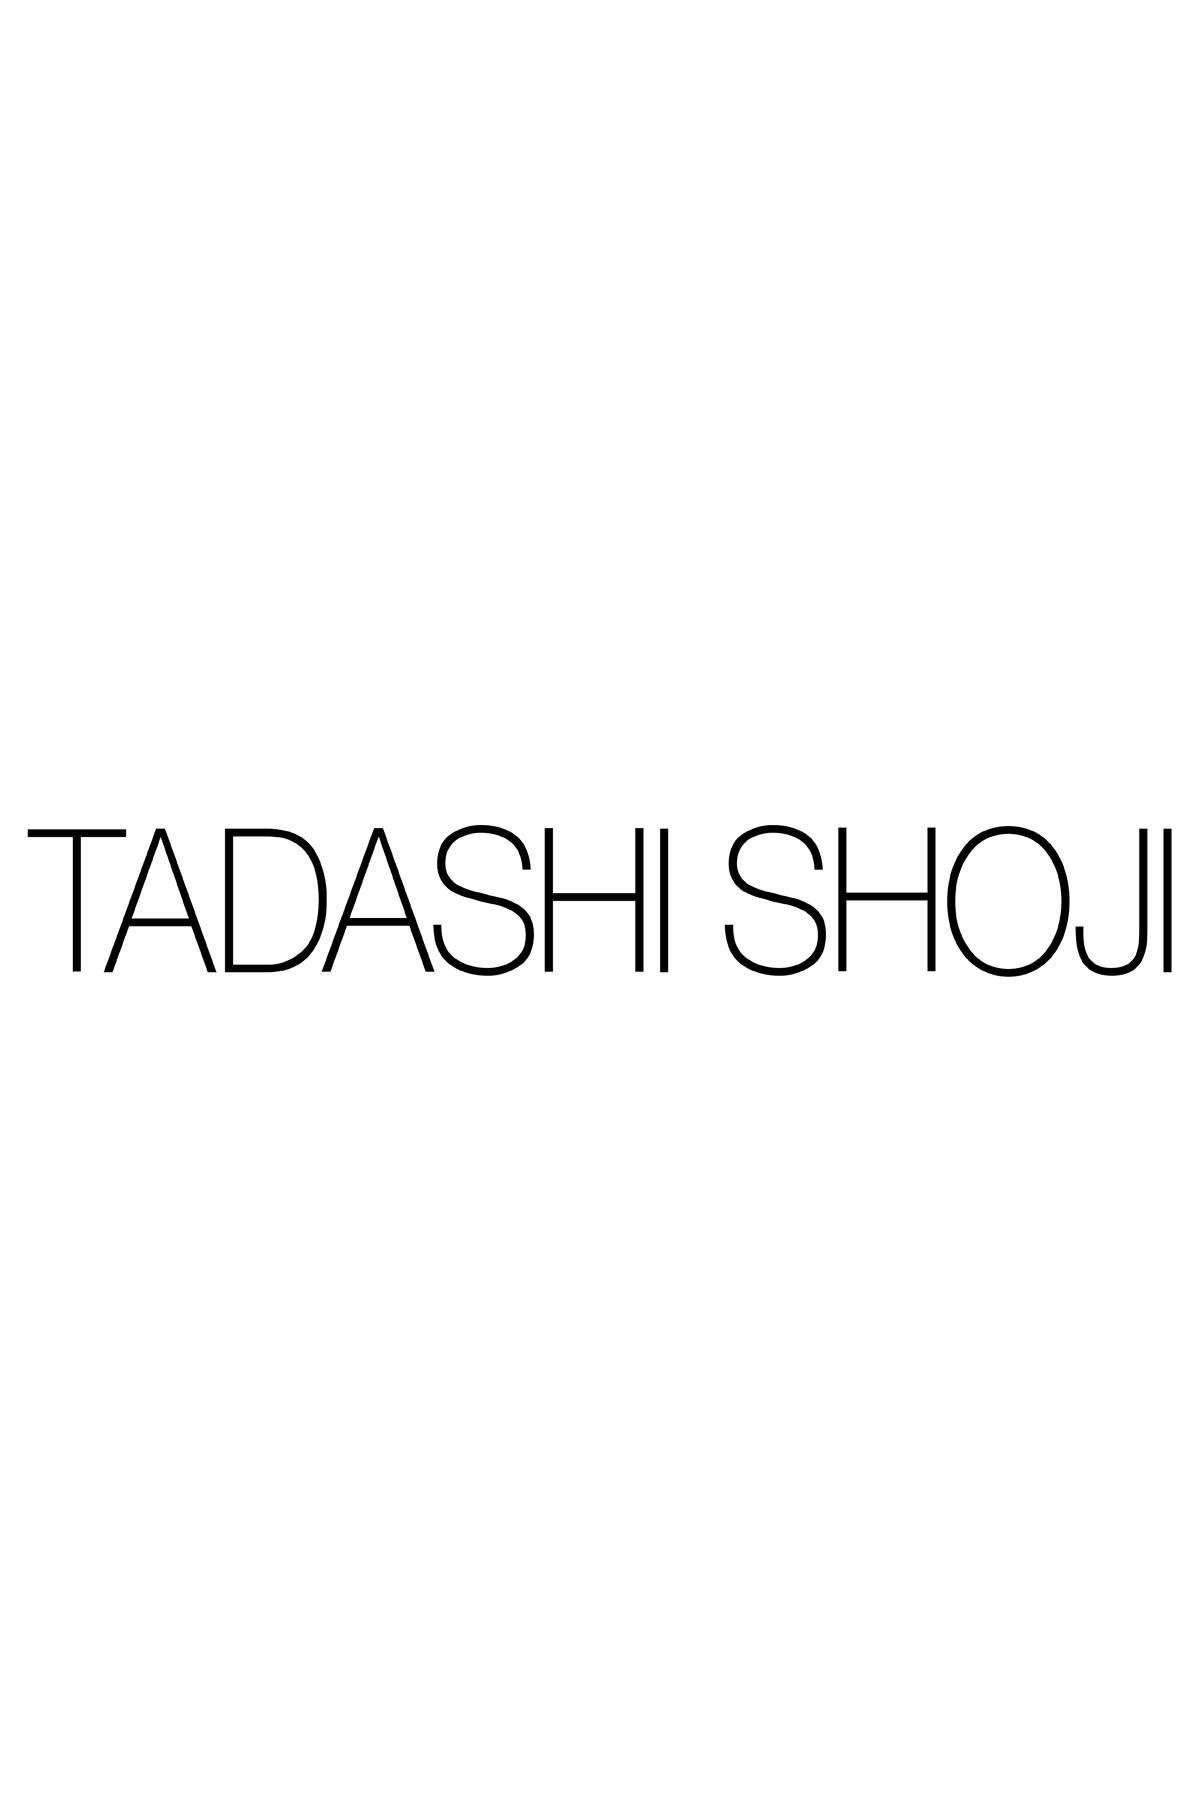 Designer Tadashi Shoji